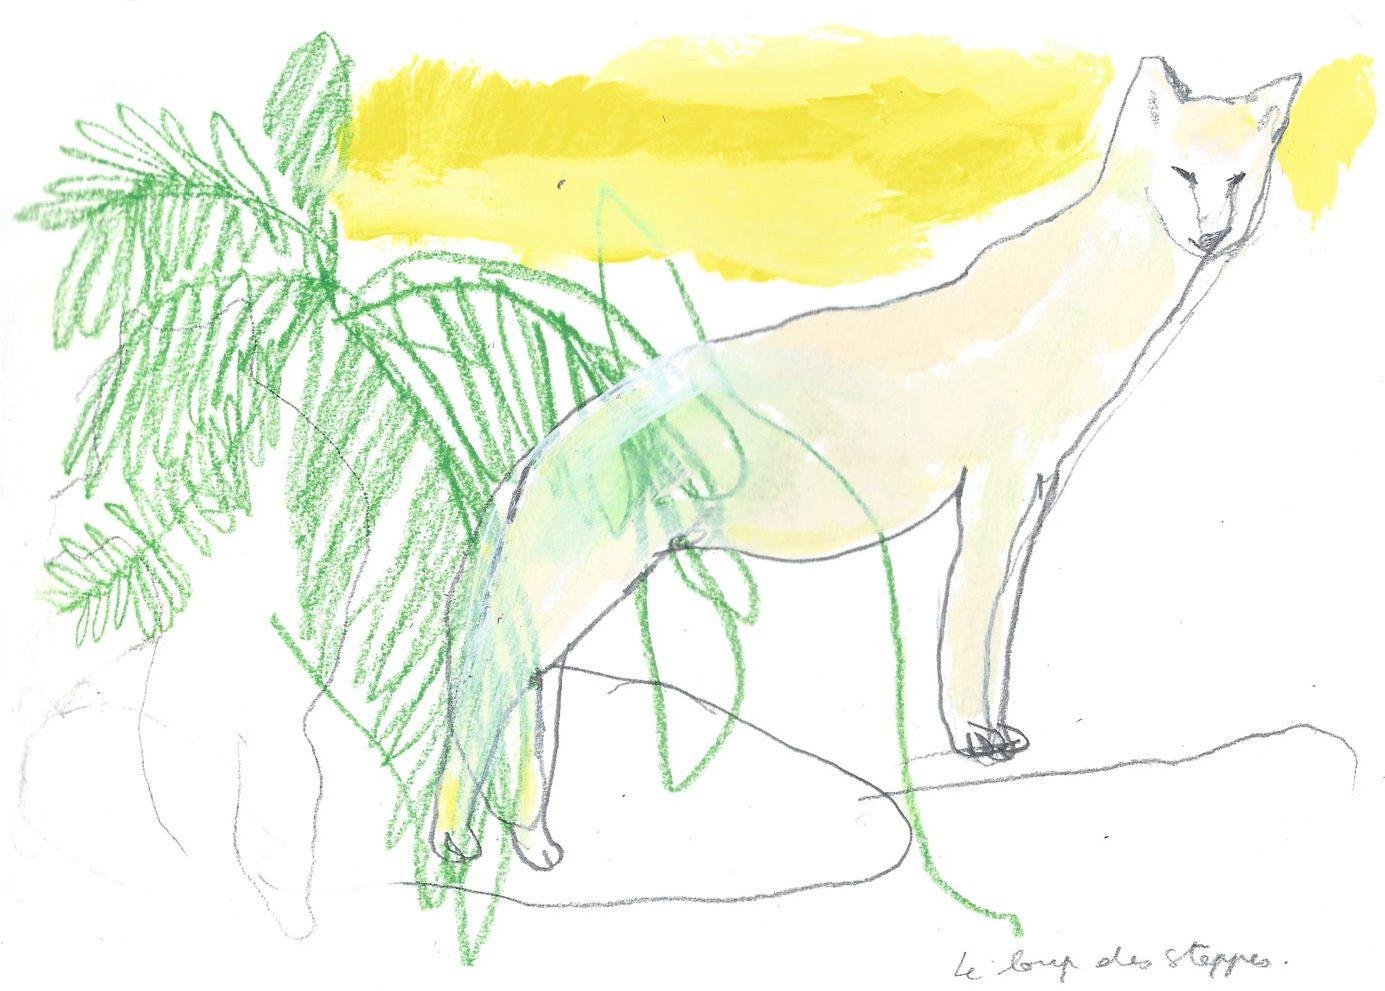 Le loup des steppes, acrylique et crayon, 2016